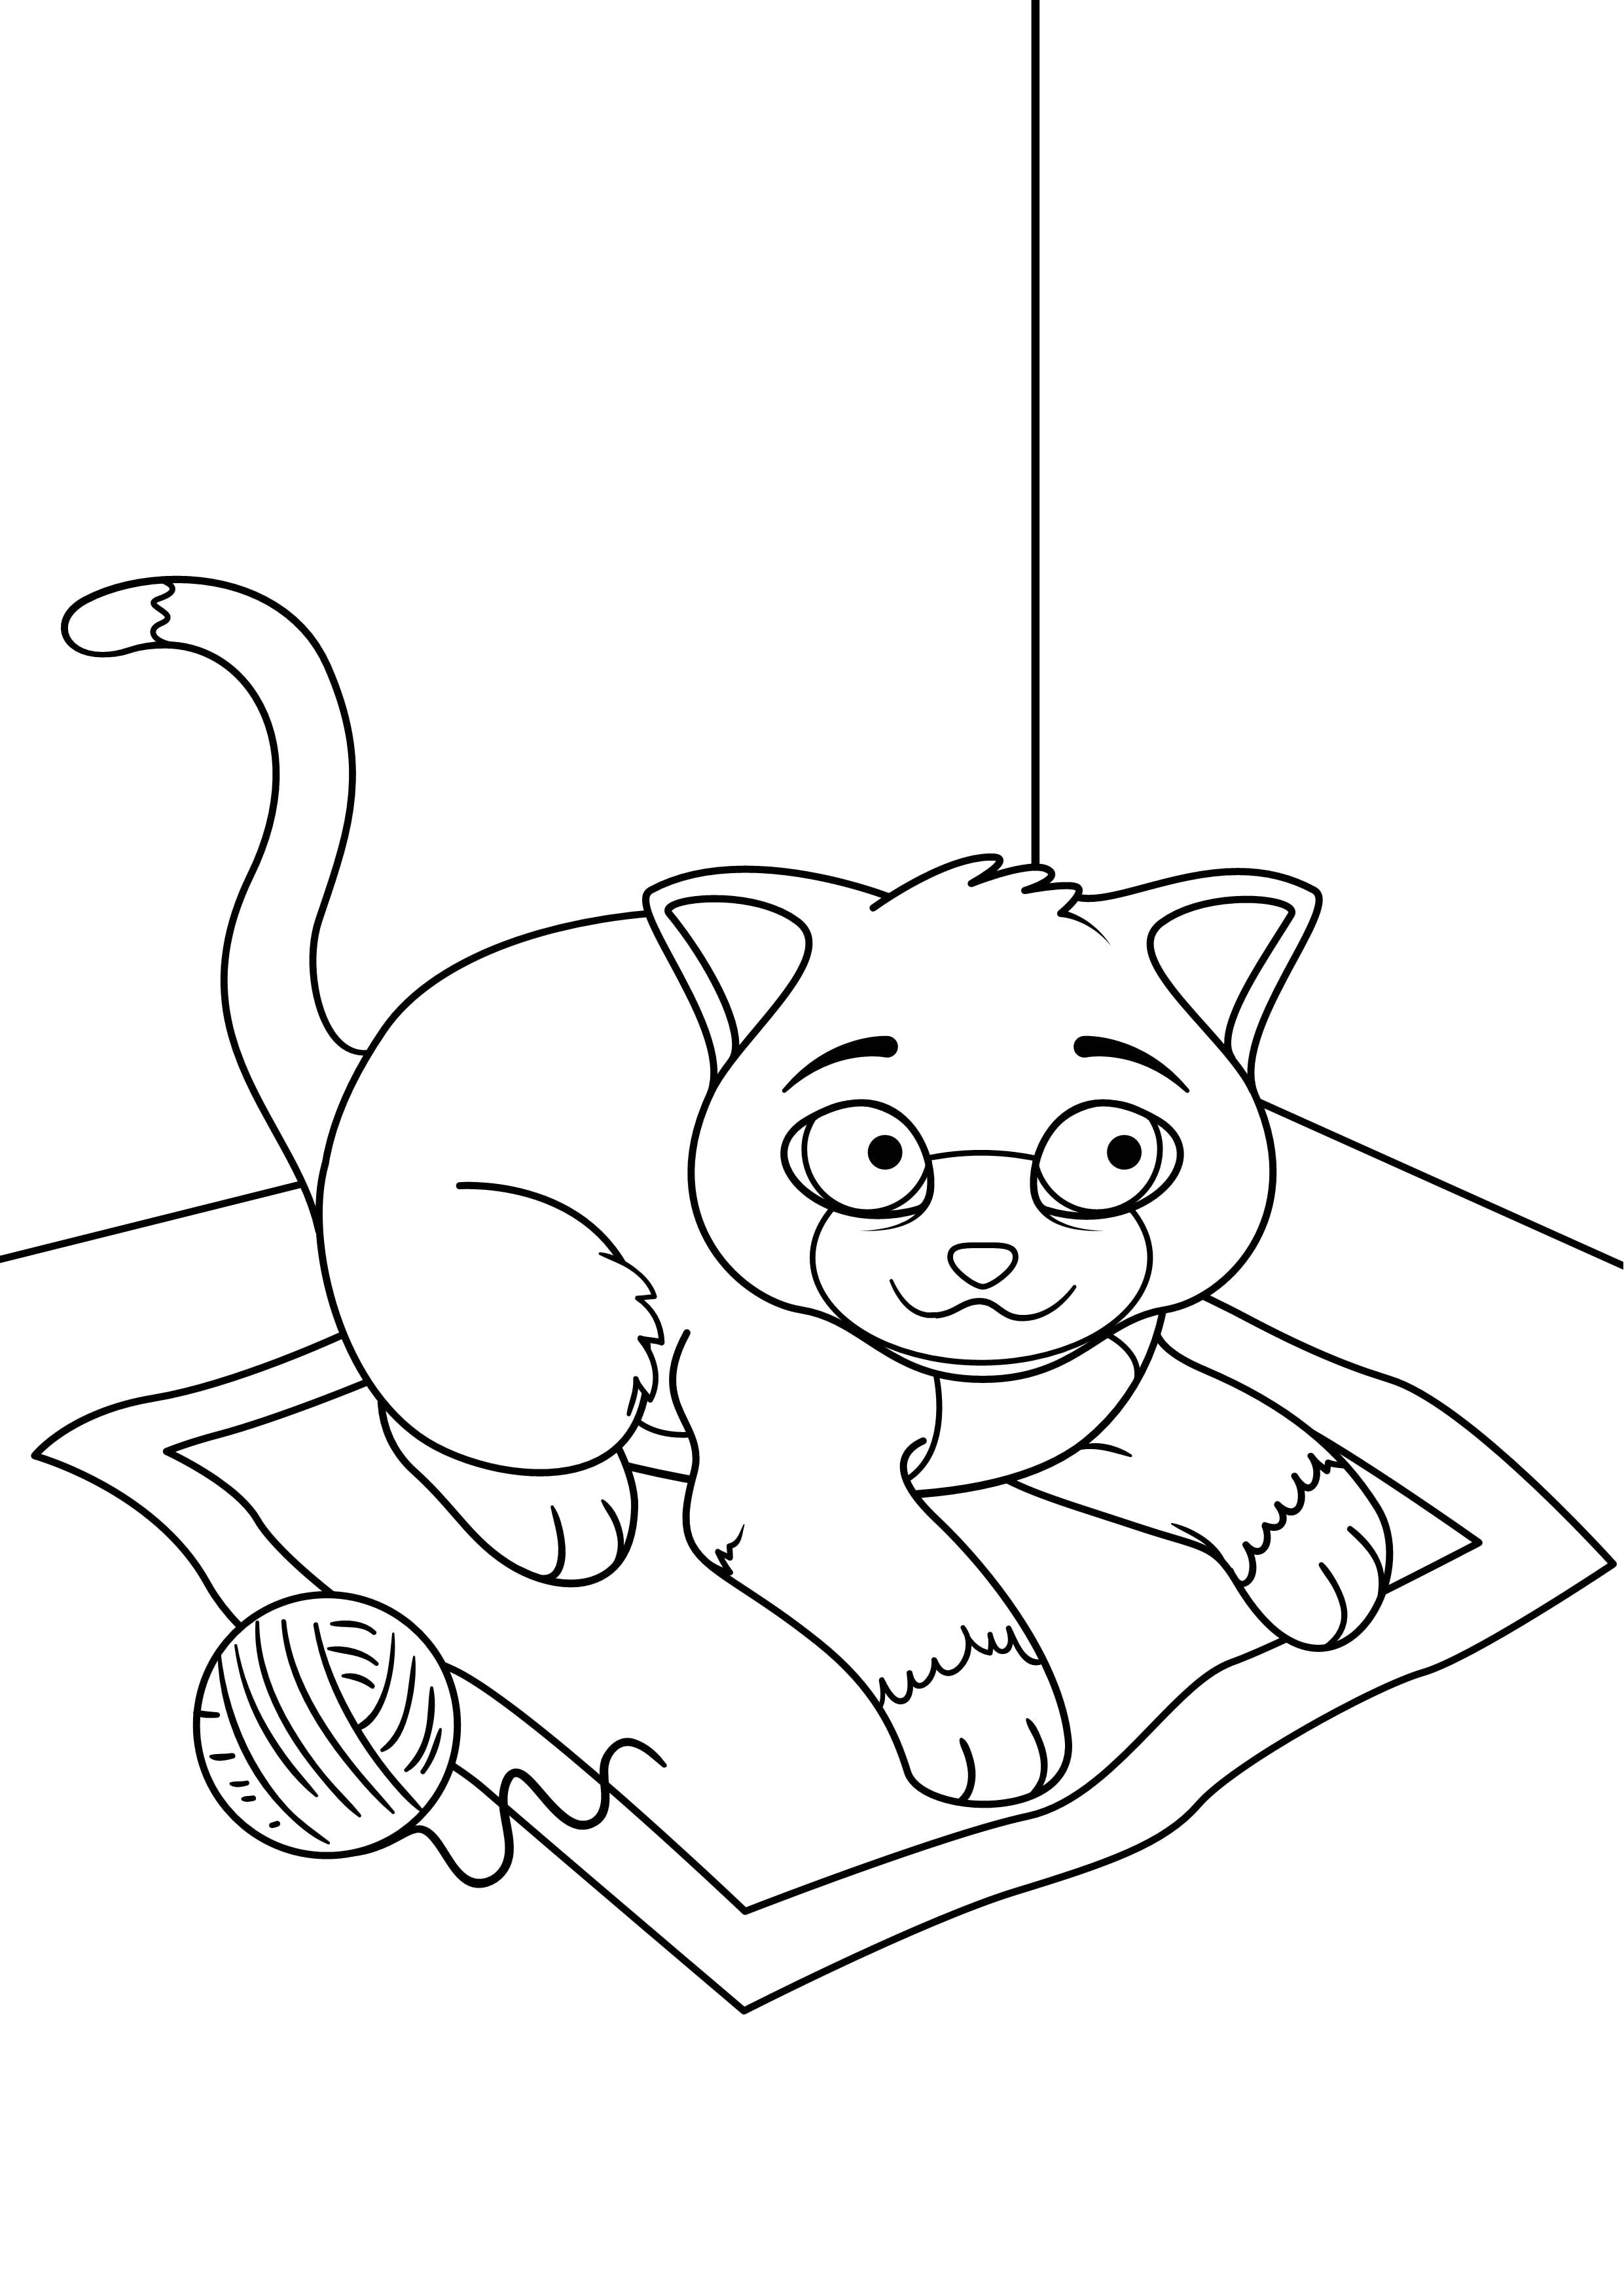 pdf скачать раскраска кошки - Рисовака